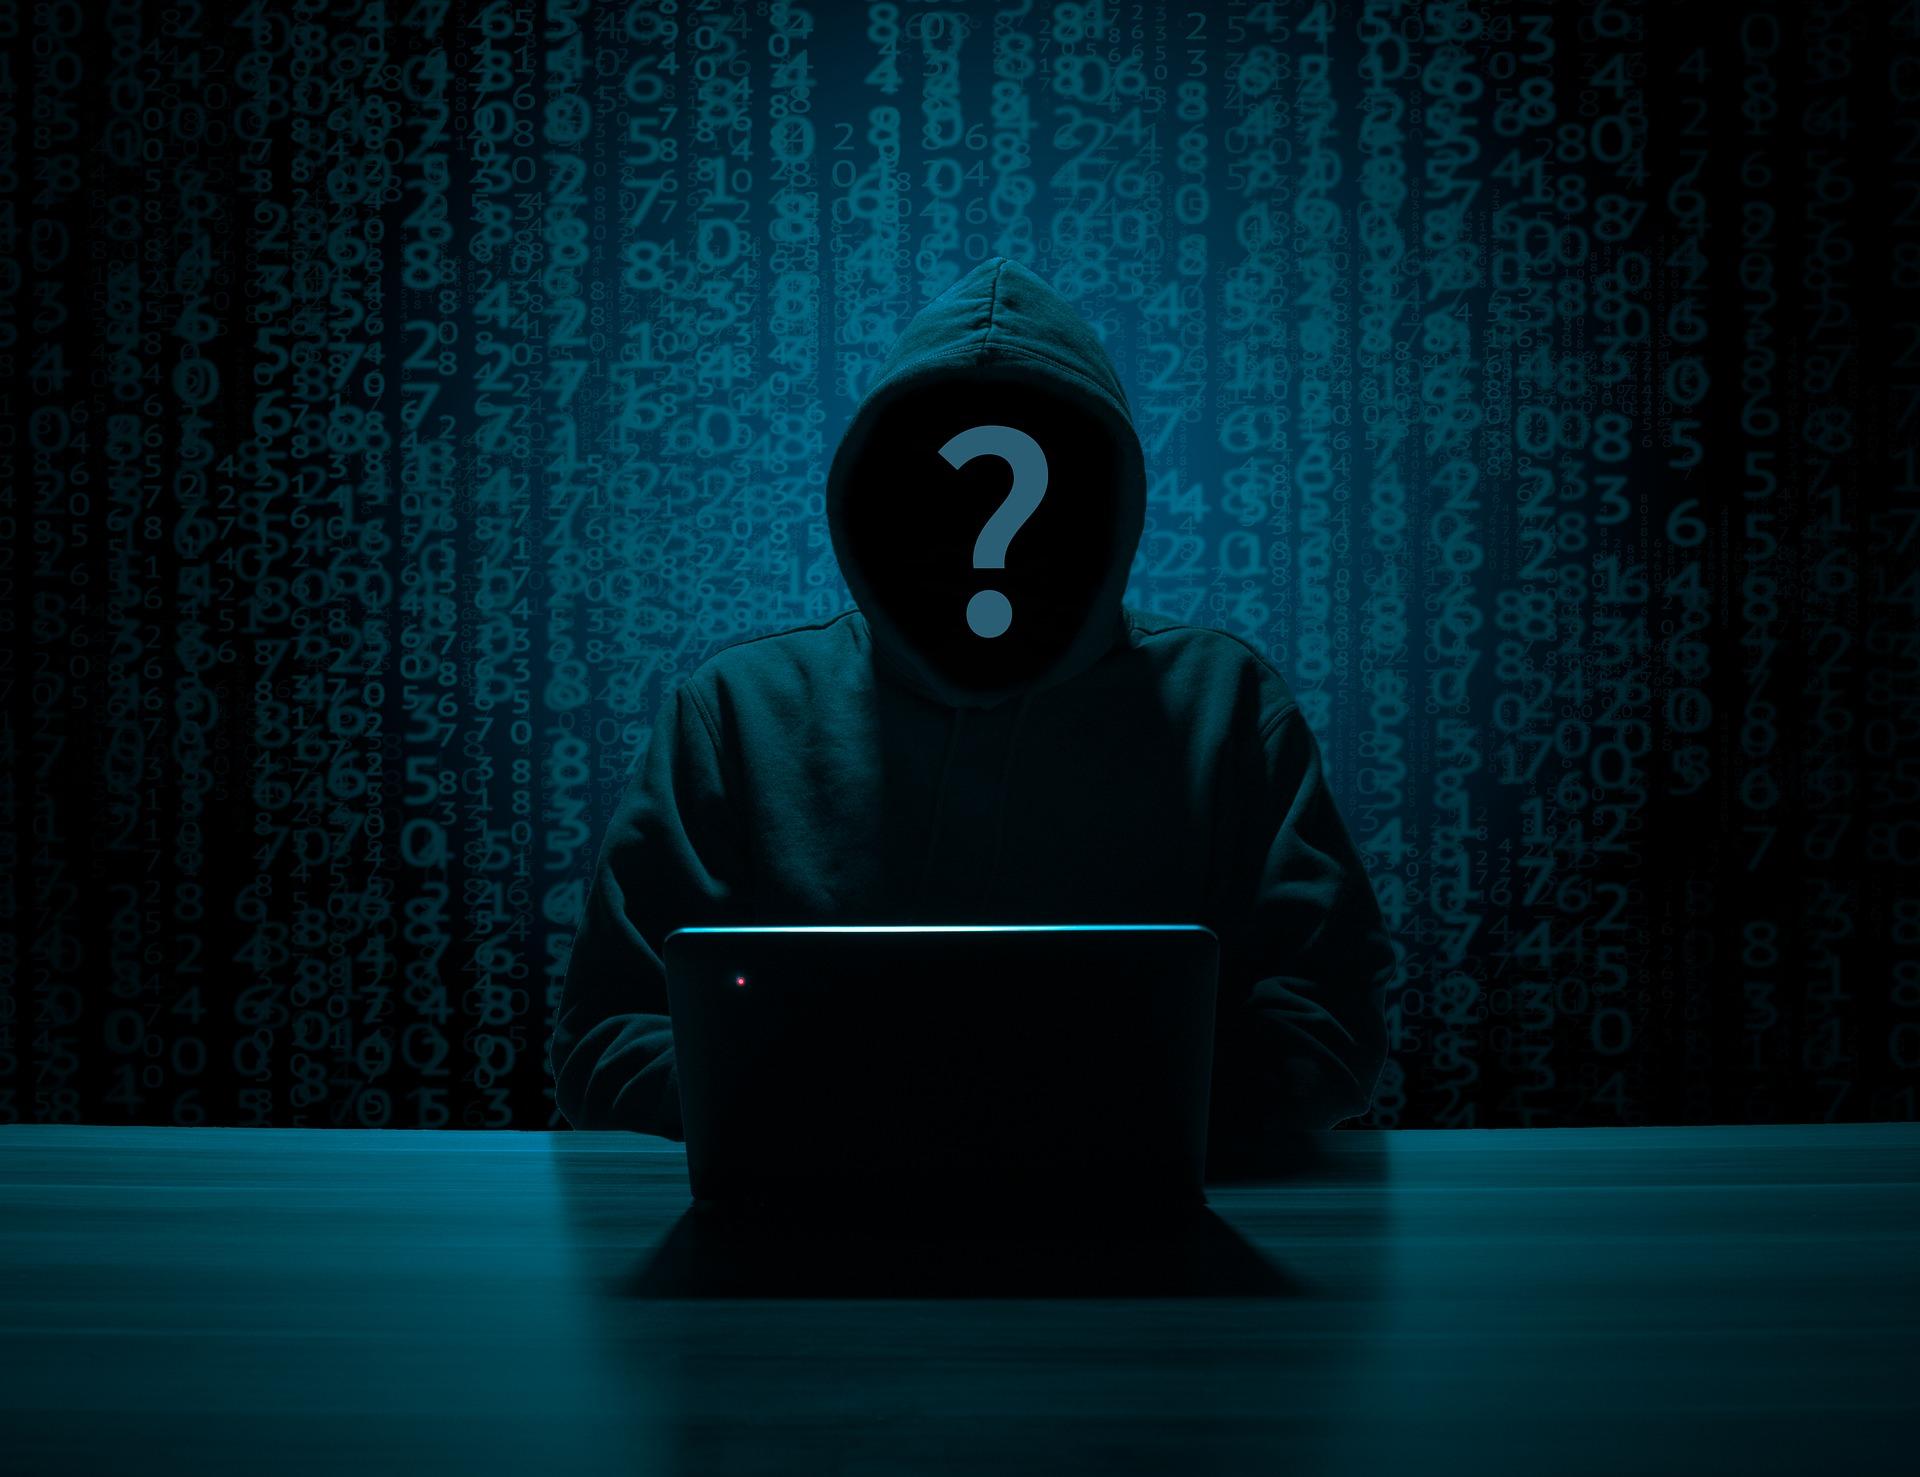 Famoso pirata informatico offre 100mila$ ad altri hacker per nuovi attacchi.